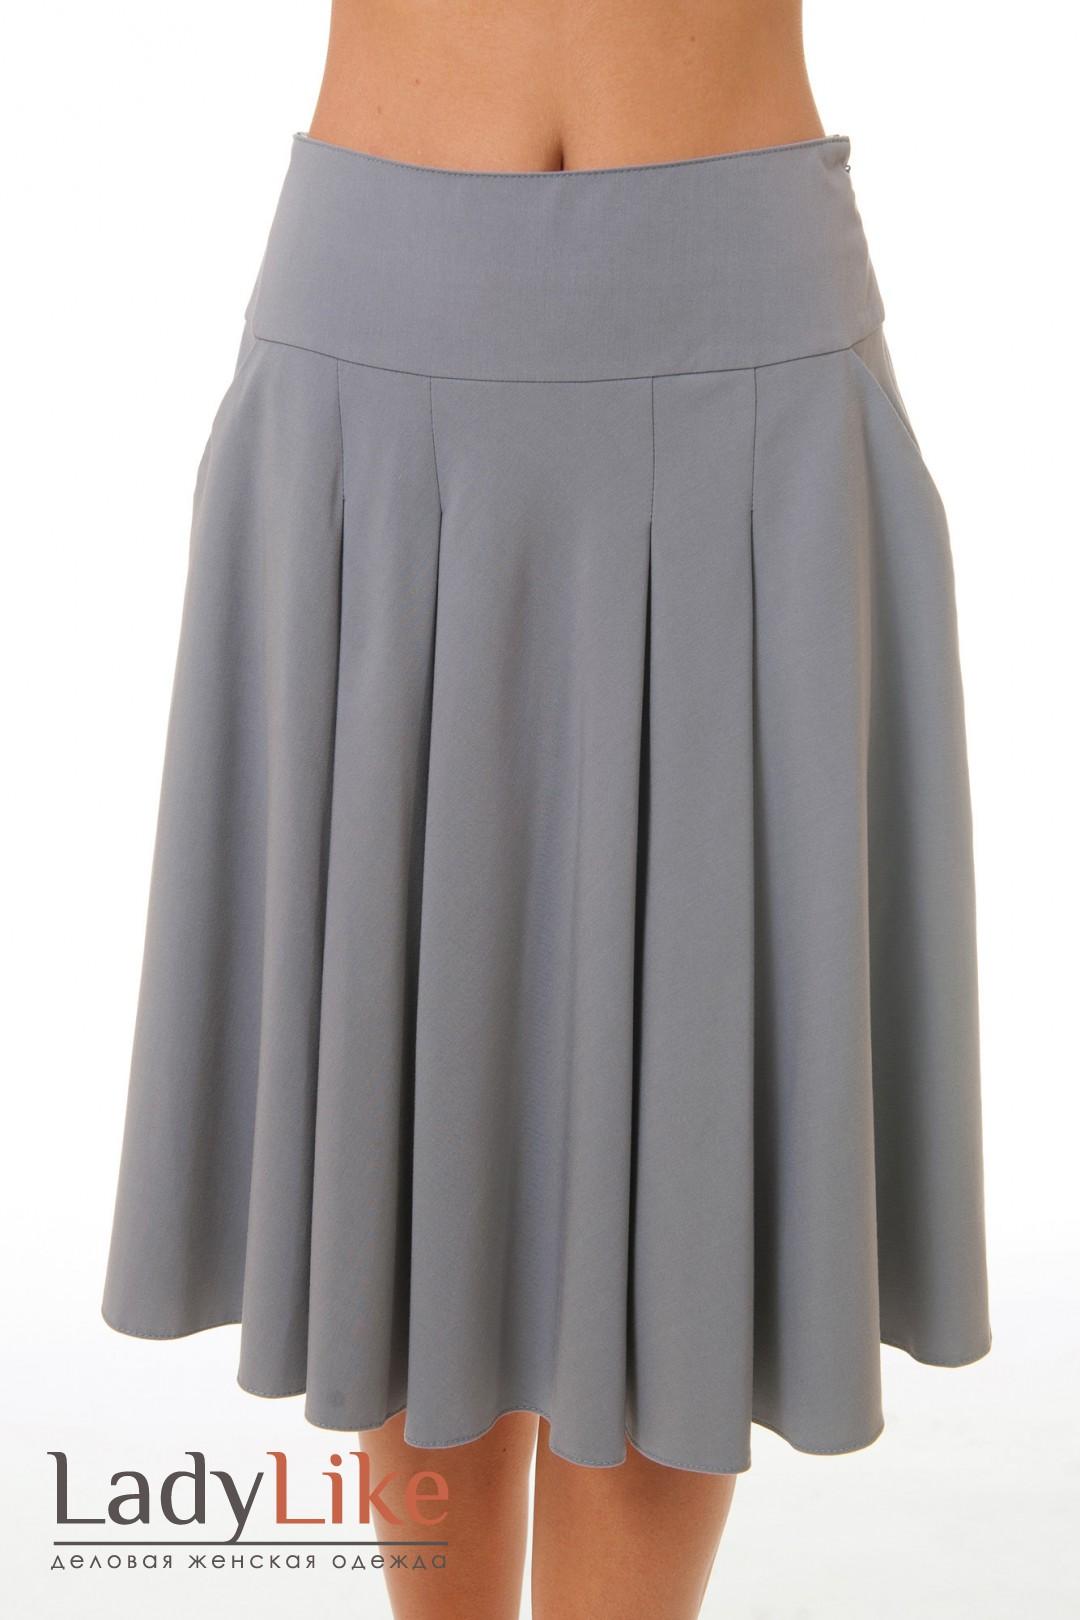 Как сшить юбку в пол своими руками? LS 19